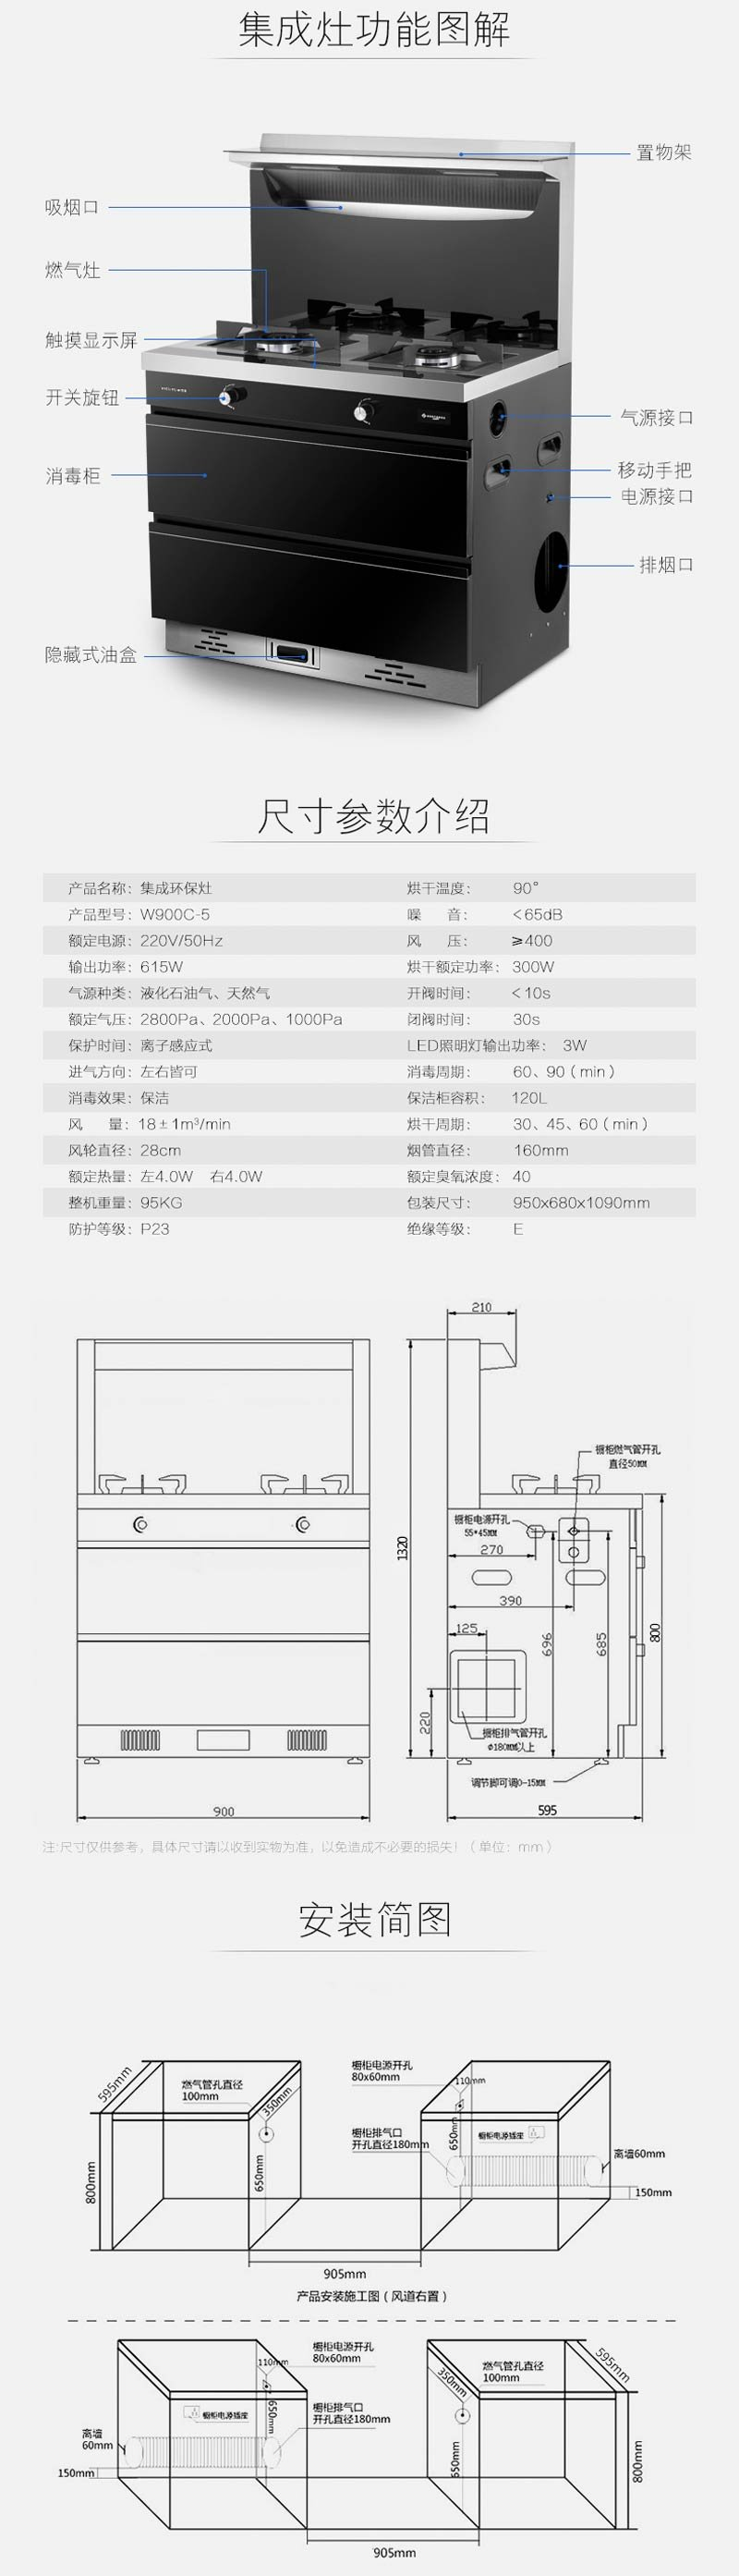 威可多集成灶 W900C-5产品图片_12